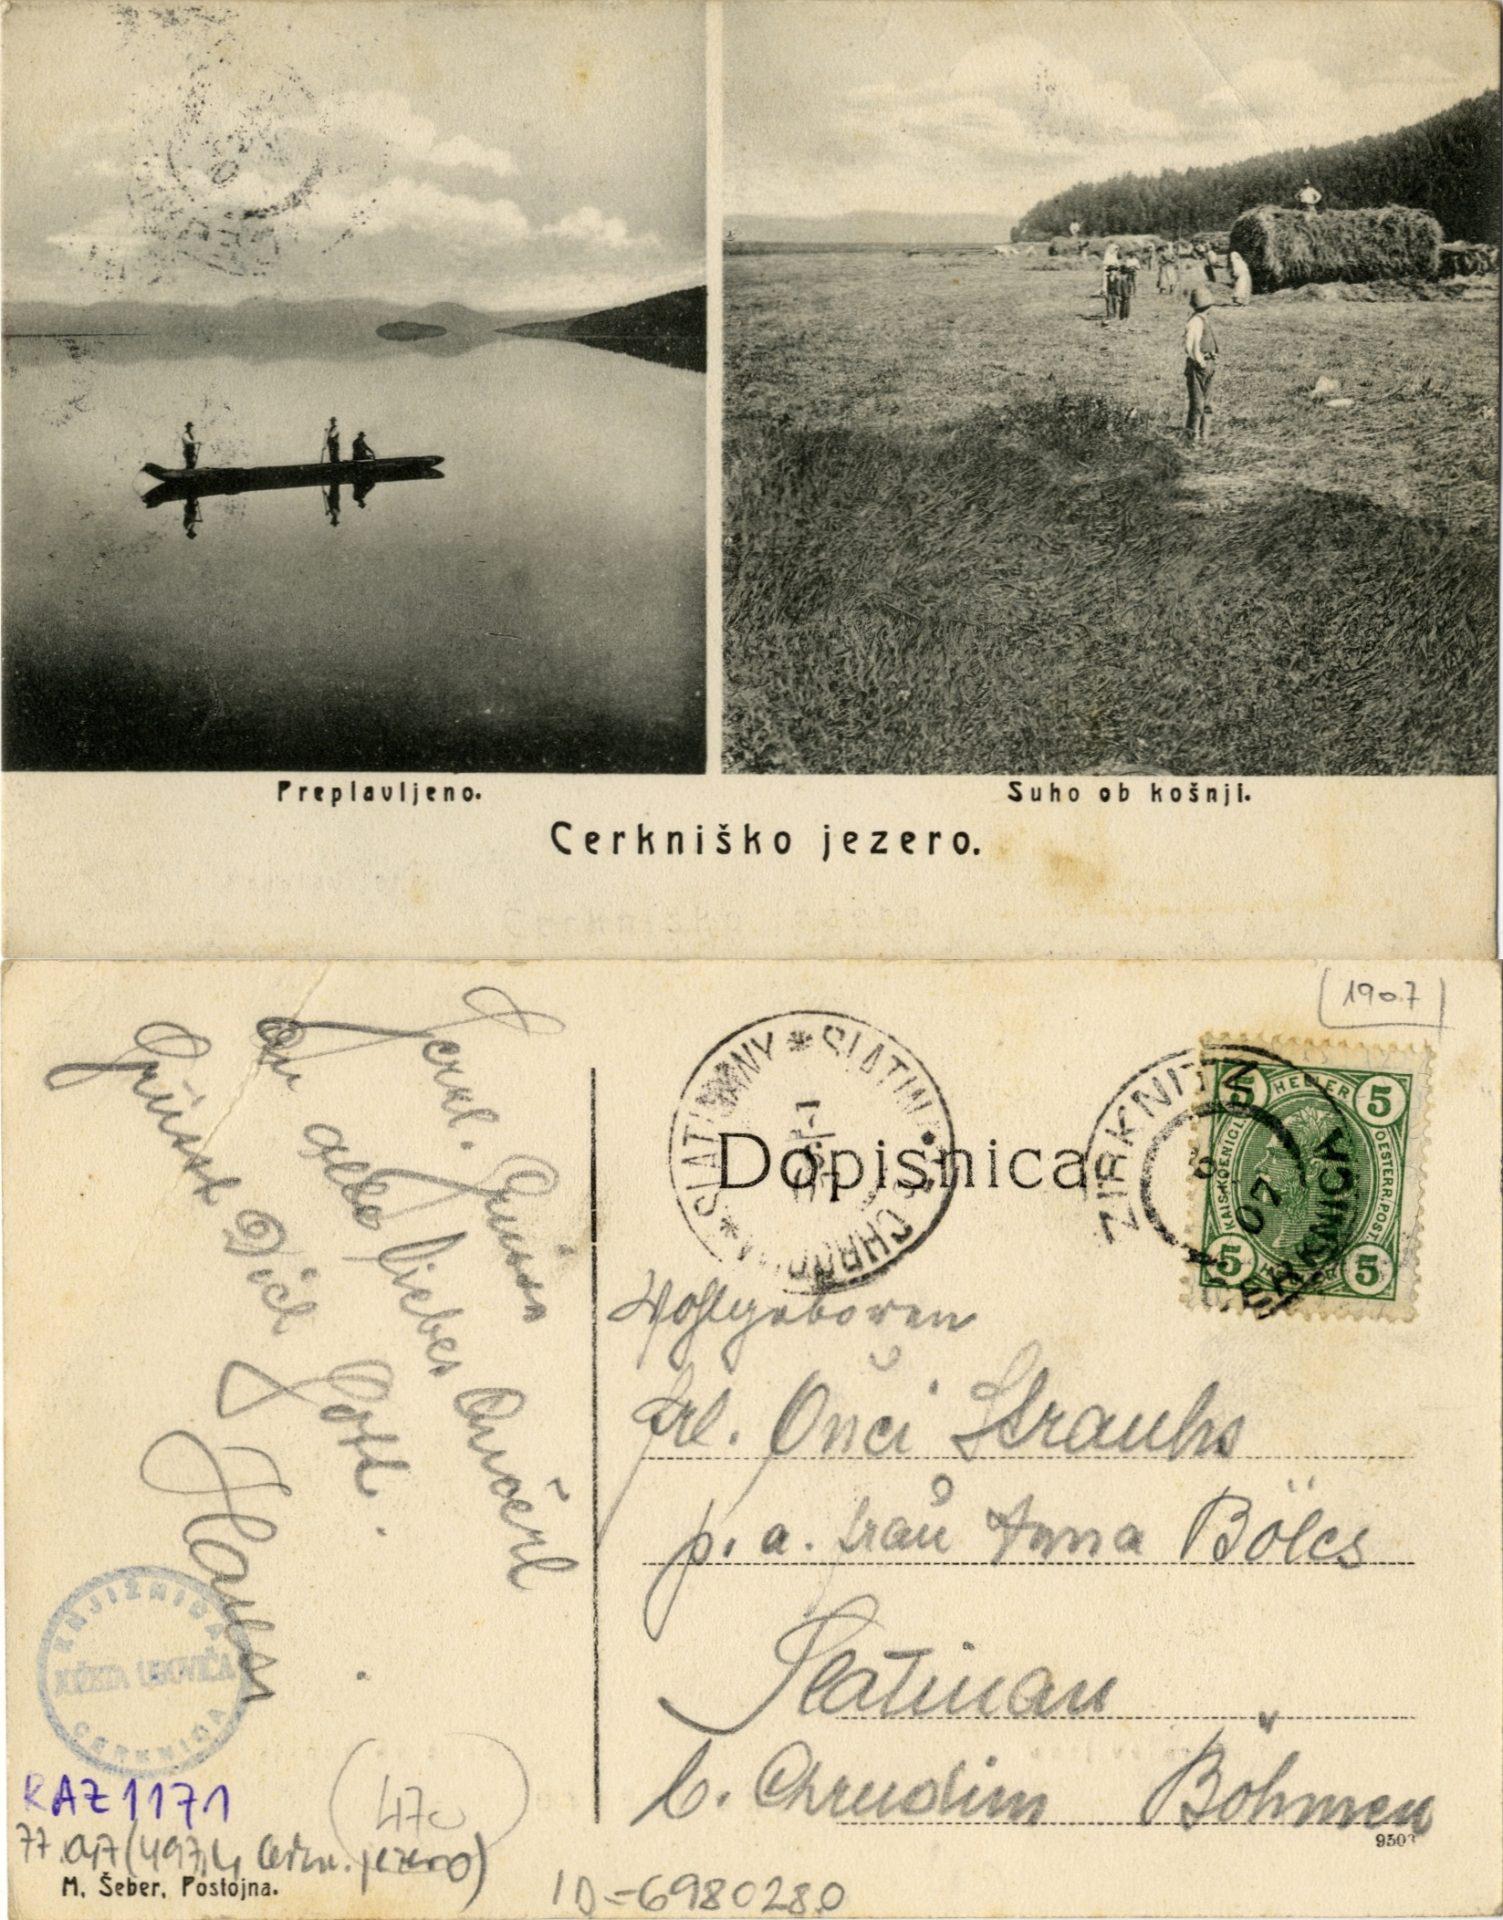 zlimano 9 - Cerkniško jezero